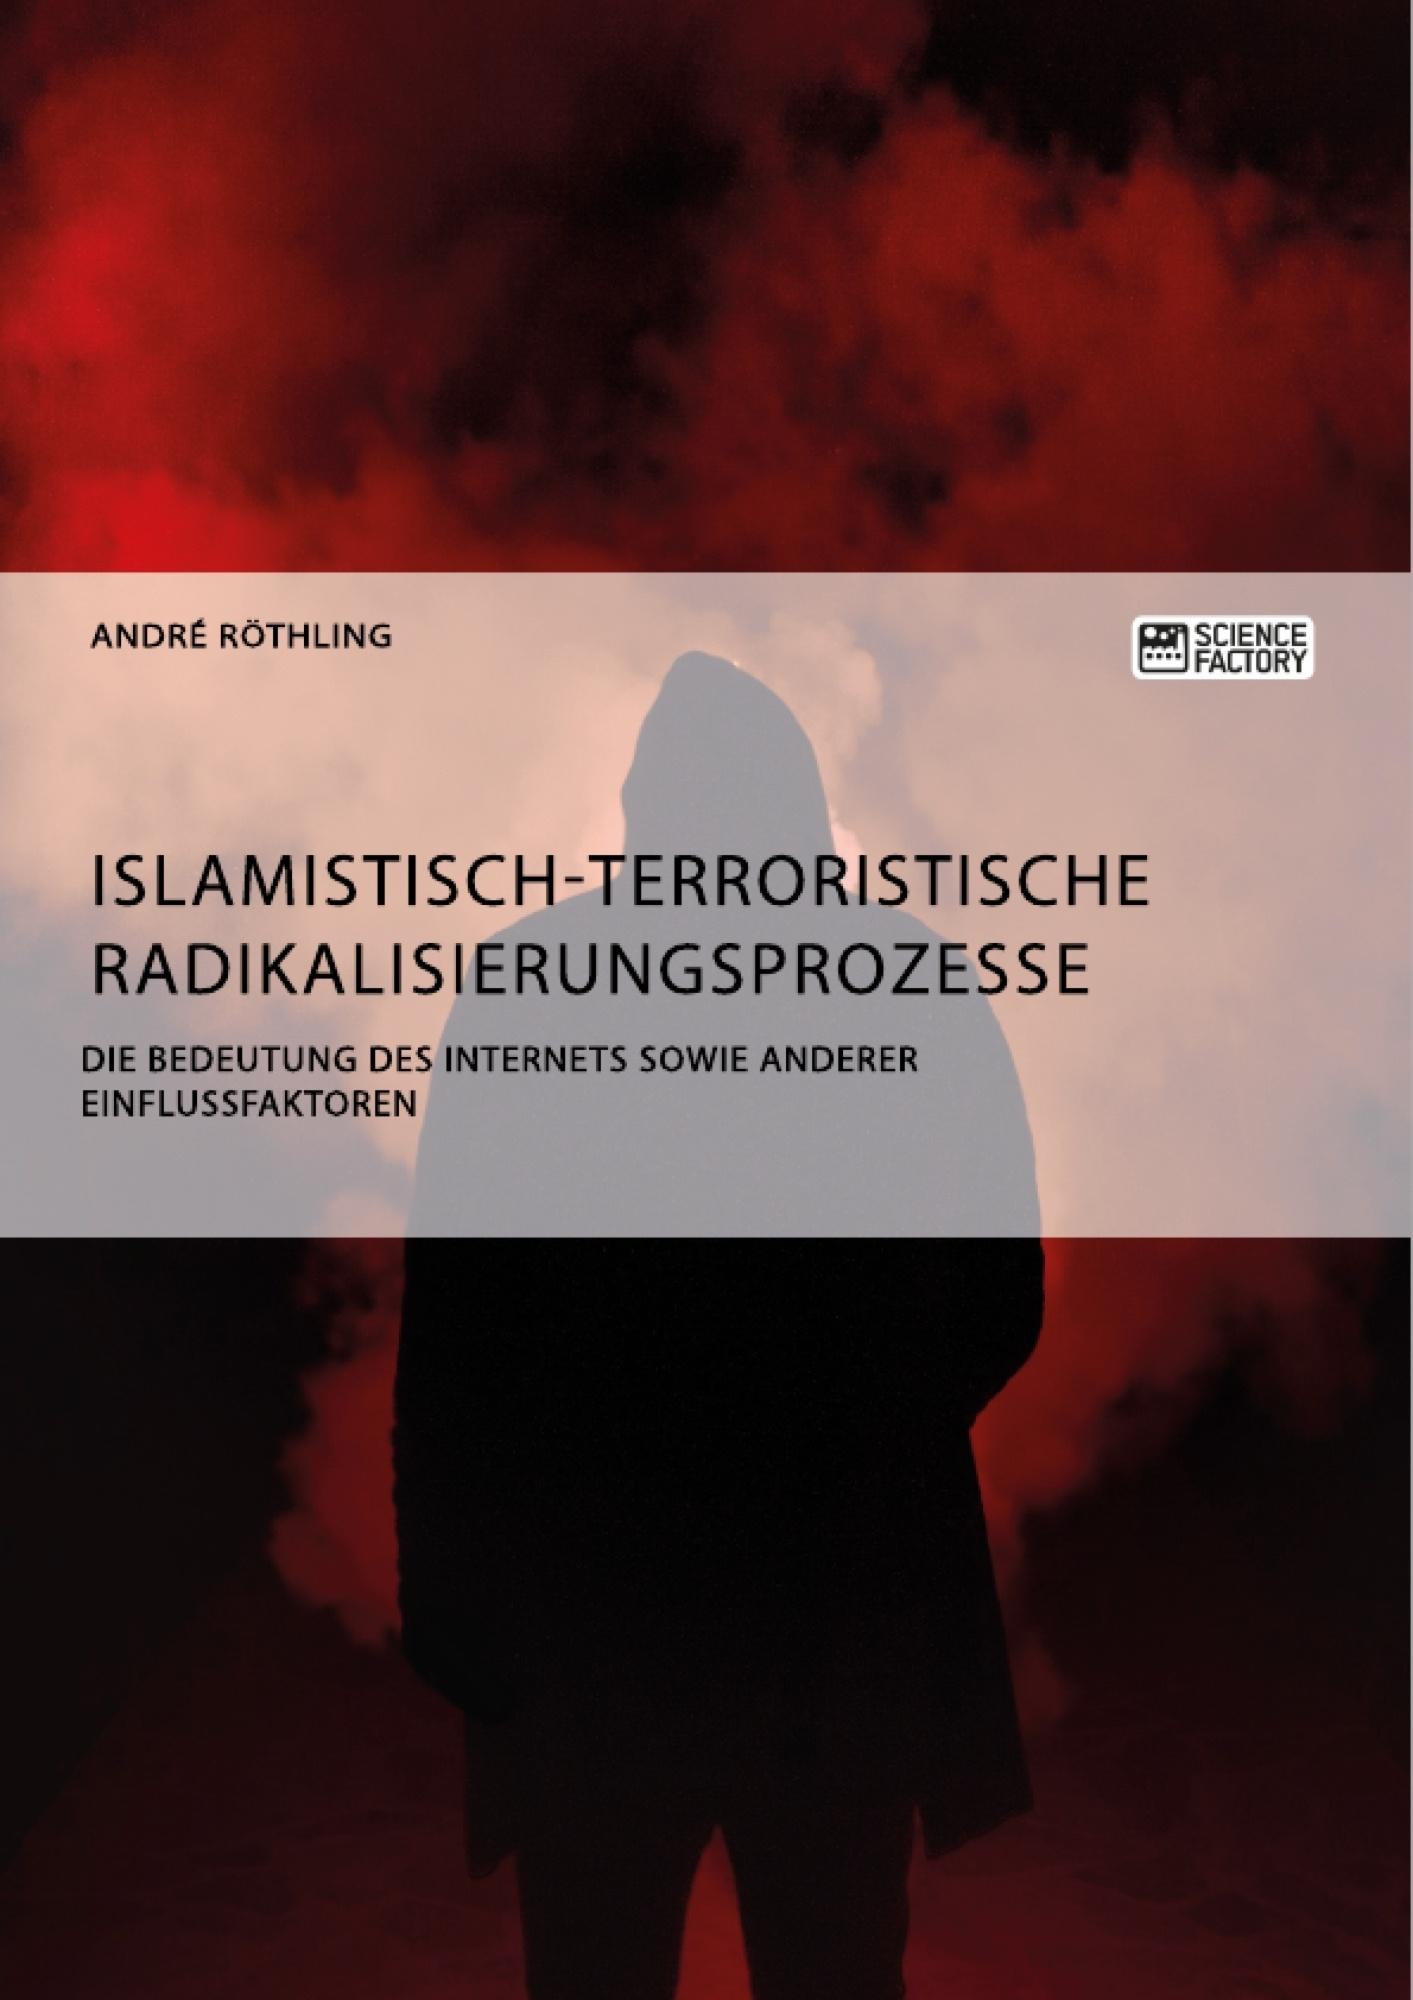 Titel: Islamistisch-terroristische Radikalisierungsprozesse. Die Bedeutung des Internets sowie anderer Einflussfaktoren